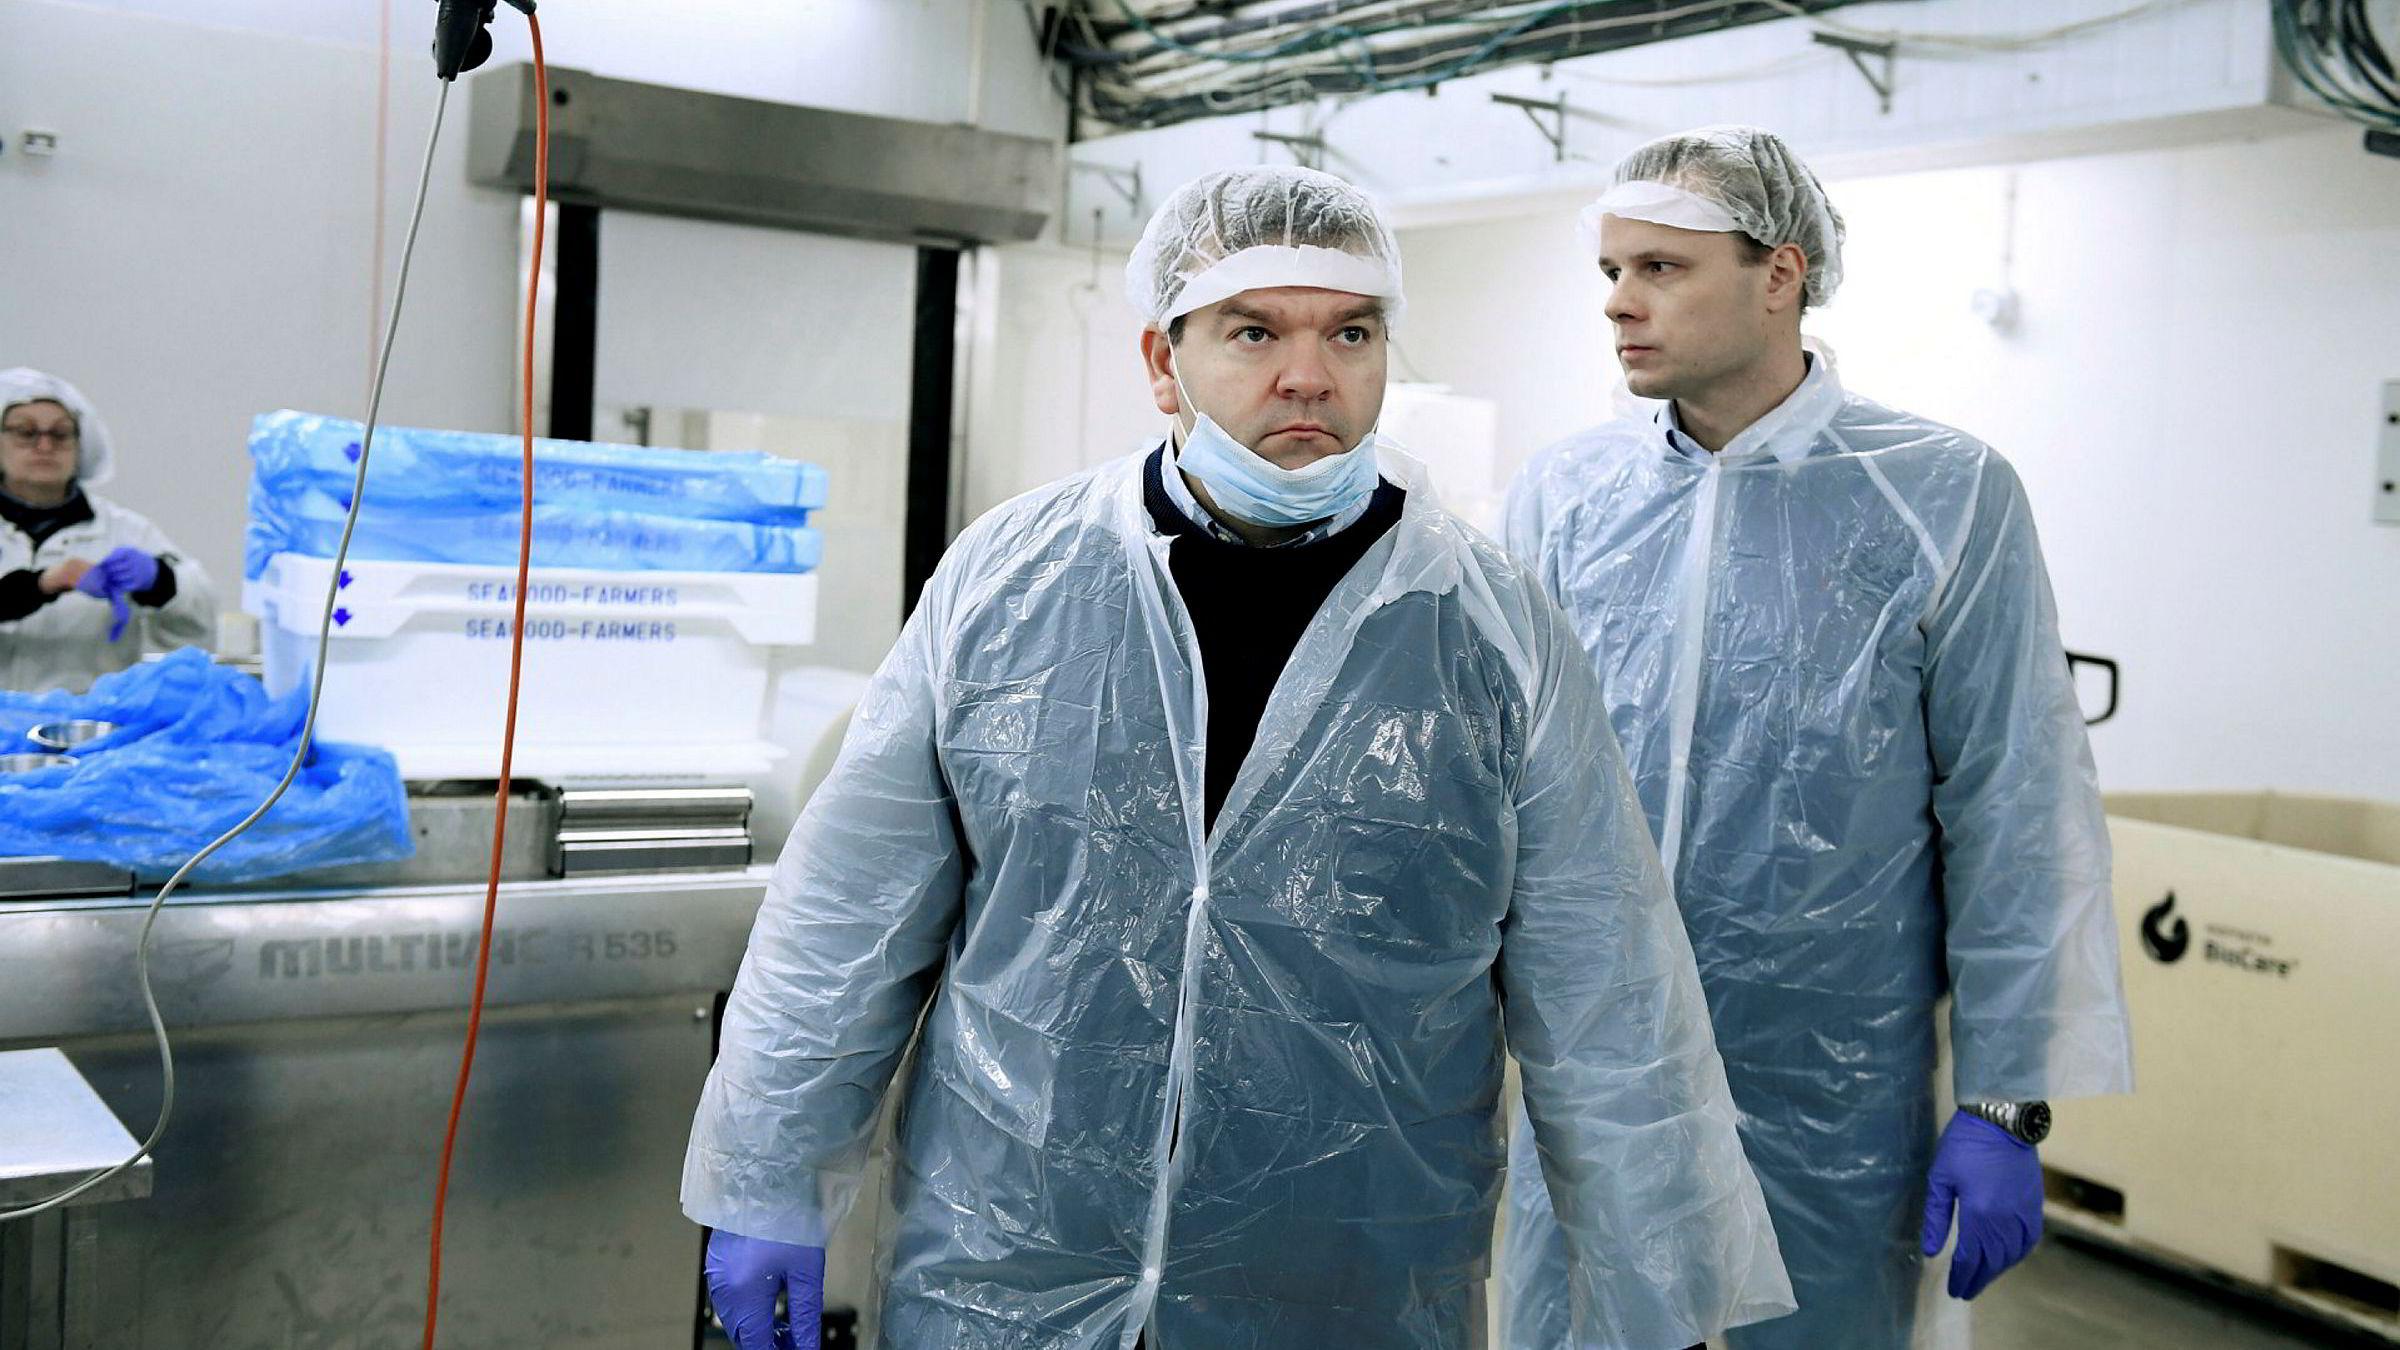 Administrerende direktør Roger Hofseth (til venstre) og investeringsdirektør Trond Håkon Schaug-Pettersen i Hofseth International mener oppdrettskonsesjoner i fremtiden bør leies ut, ikke selges til høystbydende på auksjon slik regjeringen legger opp til også for fremtiden.